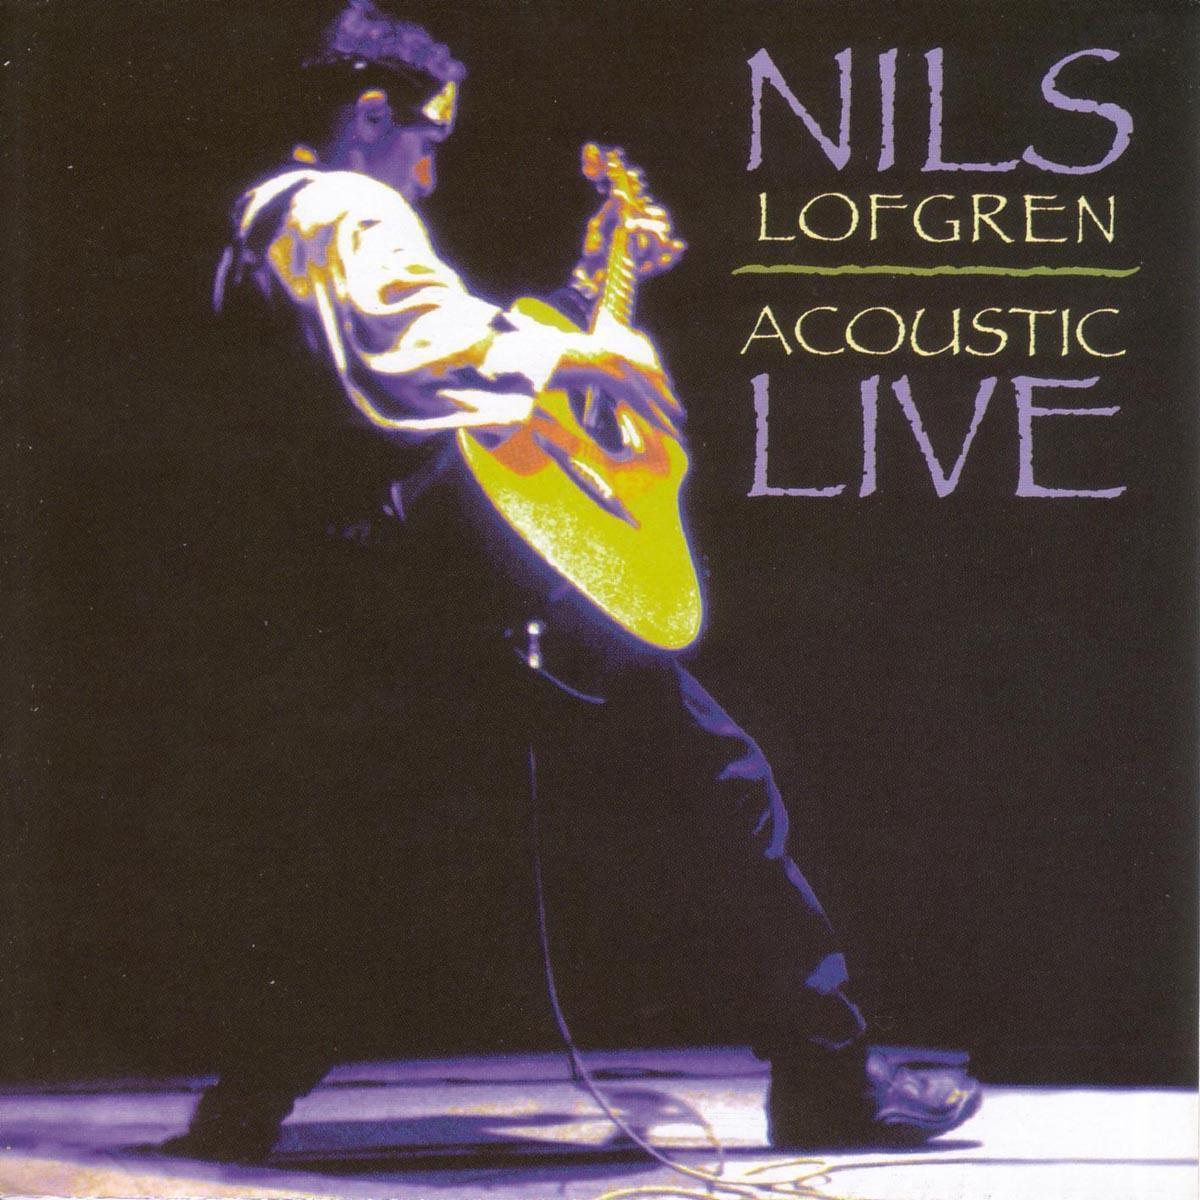 Nils Lofgren - Acoustic Live - Nils Lofgren